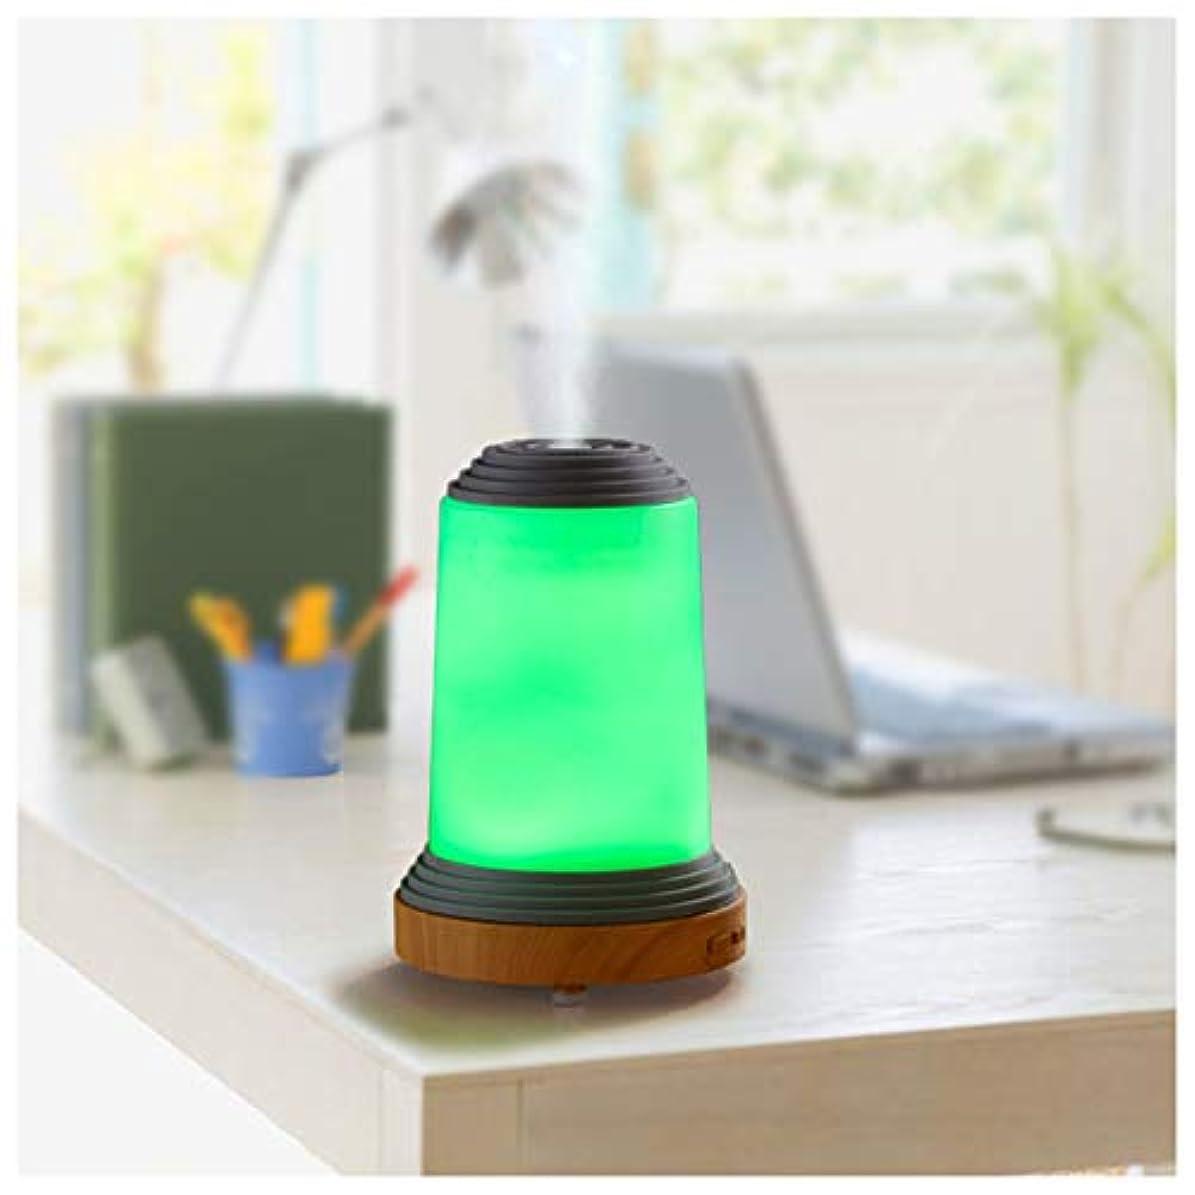 薄暗い丈夫用心するエッセンシャルオイルディフューザー超音波アロマディフューザー、100ミリリットルユニークな灯台形状加湿器、7色LEDライト、ウォーターレス自動閉鎖、ヨガ、オフィス、スパ、寝室